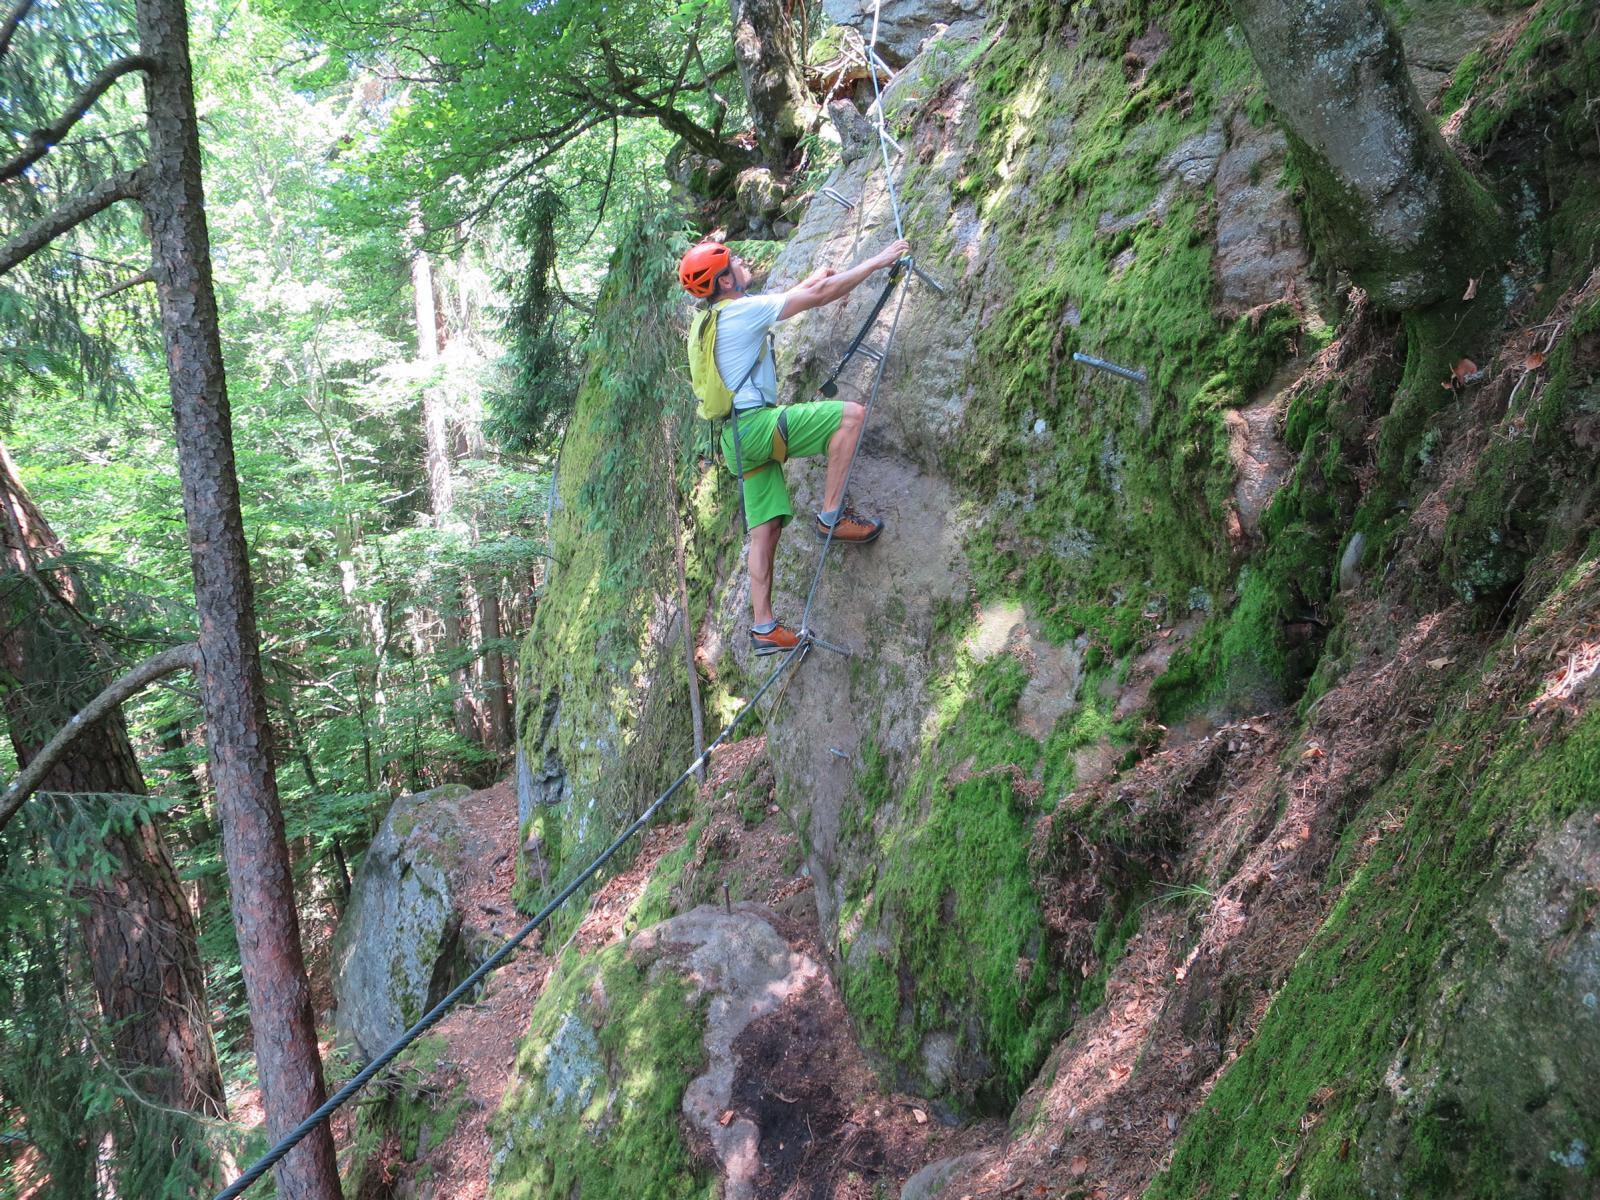 Klettersteig Eitweg : Seven summits klettersteig eitweg bergsteigen